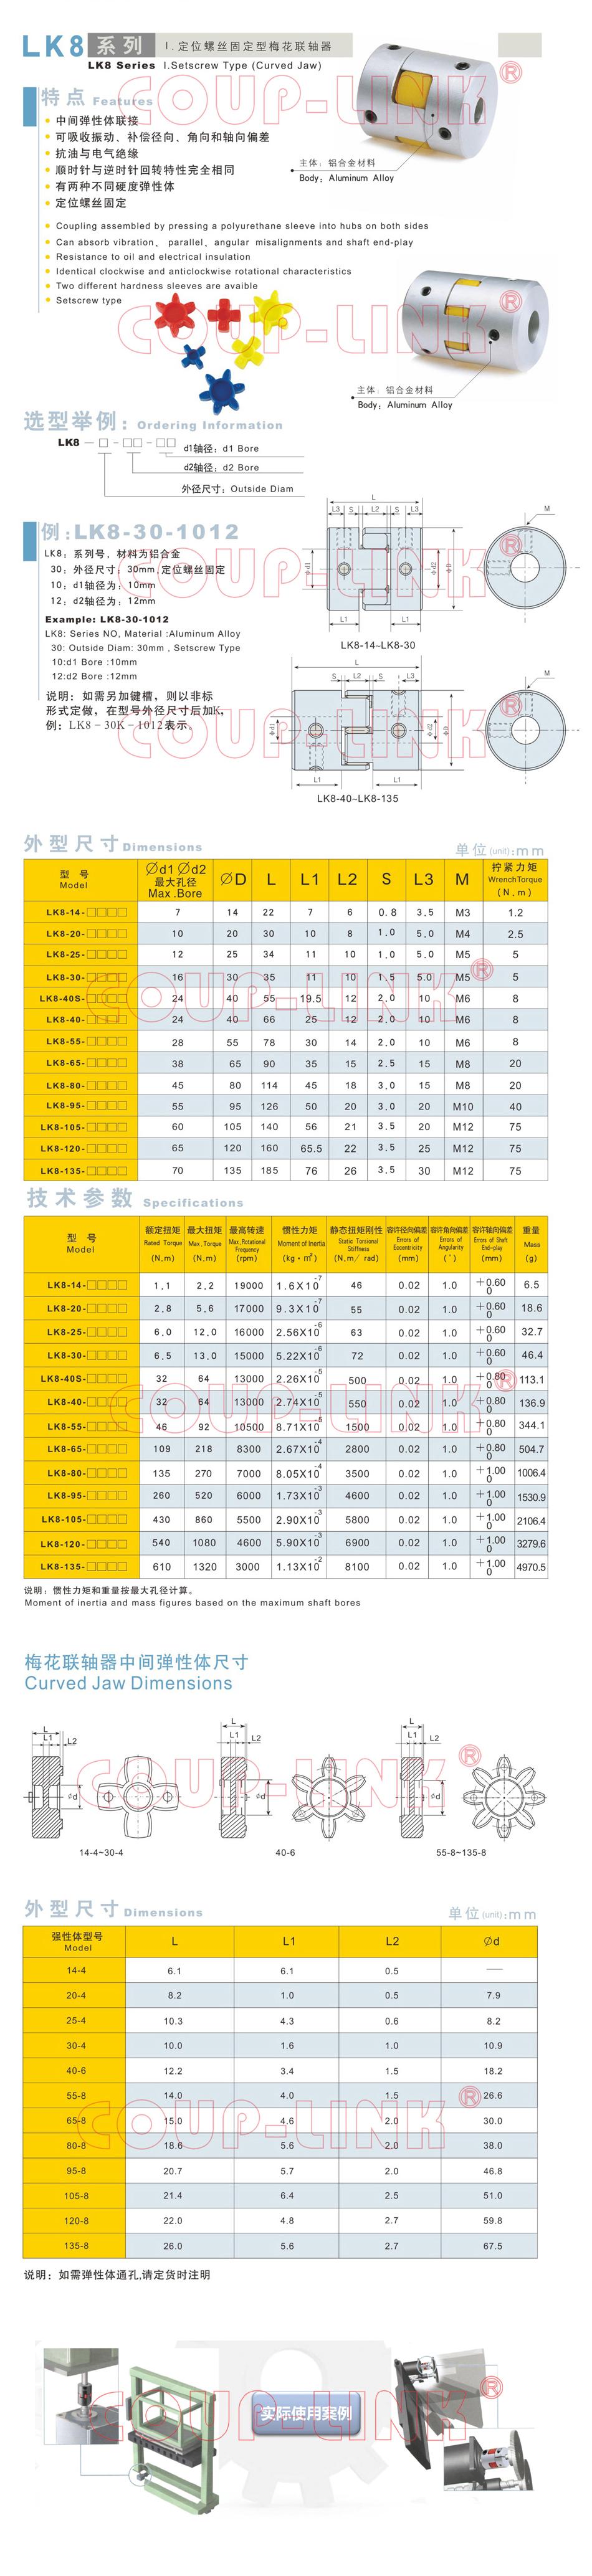 LK8系列 定位螺絲固定型梅花老子有钱app_老子有钱app種類-廣州老子有钱自動化設備有限公司